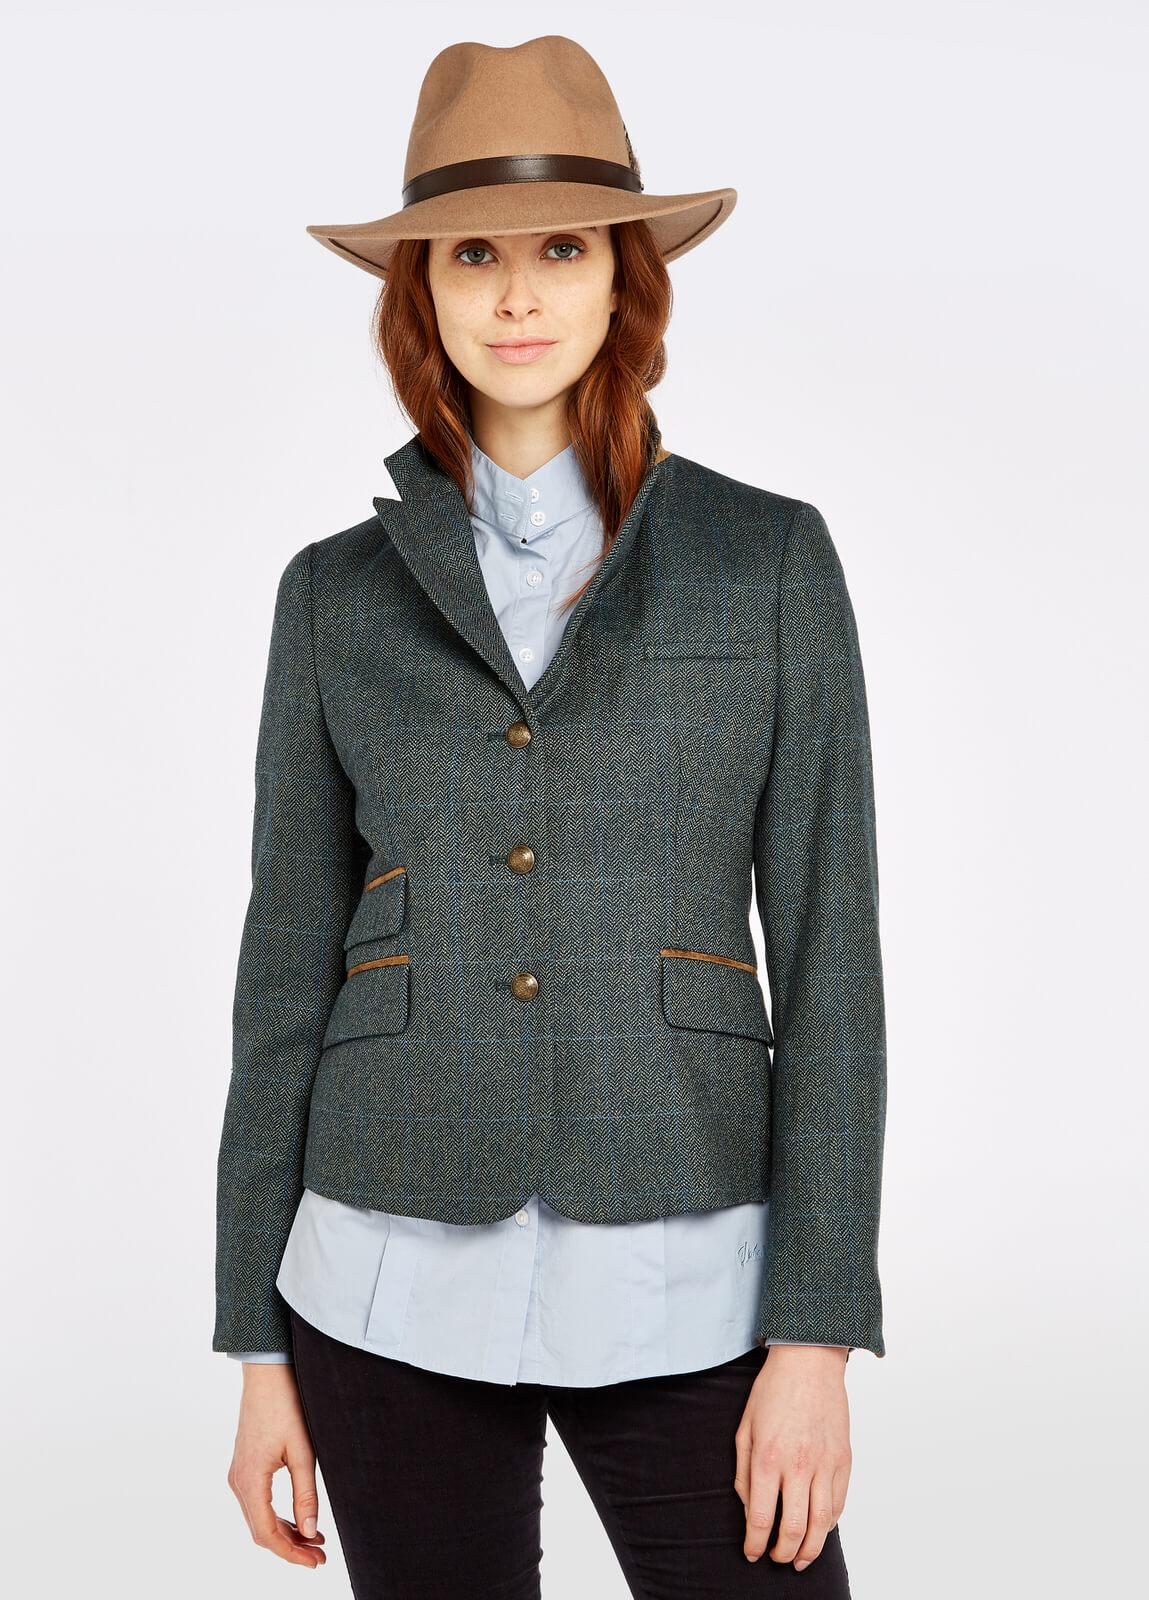 Dubarry_Buttercup_Tweed_Jacket_Mist_on_model